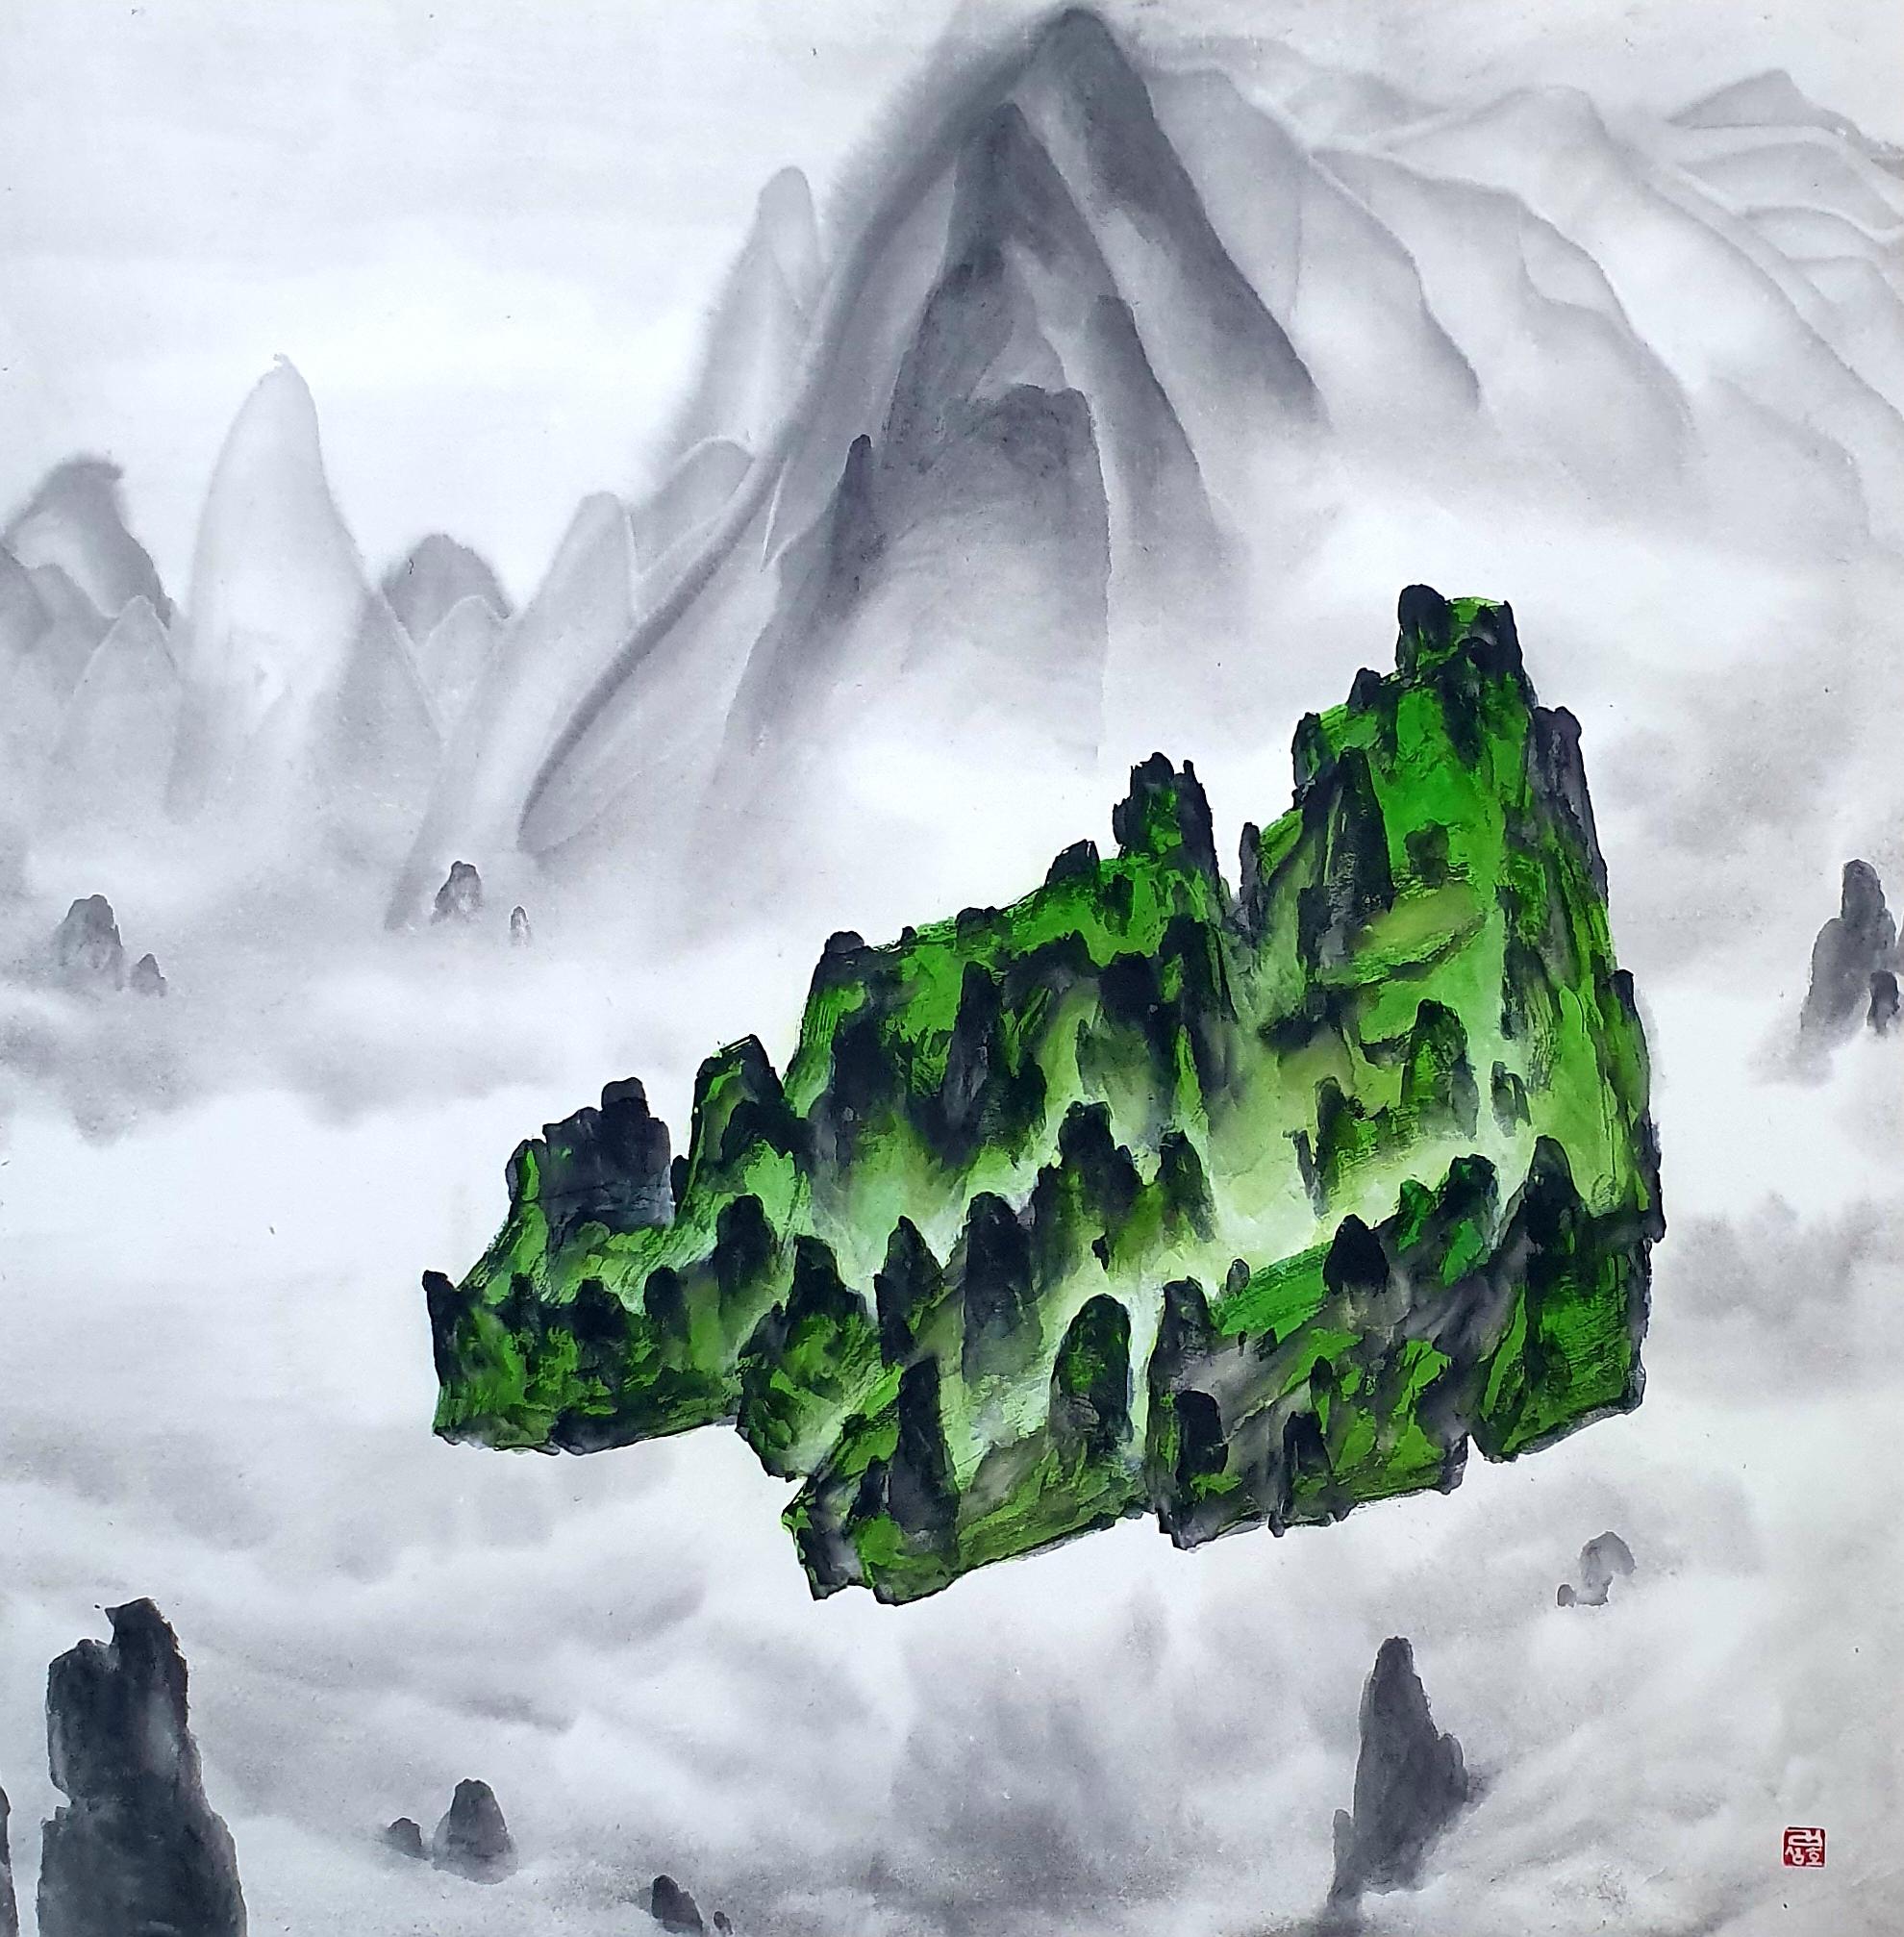 001, 김성호, 내 마음 쉴 곳, 68.5 x 69